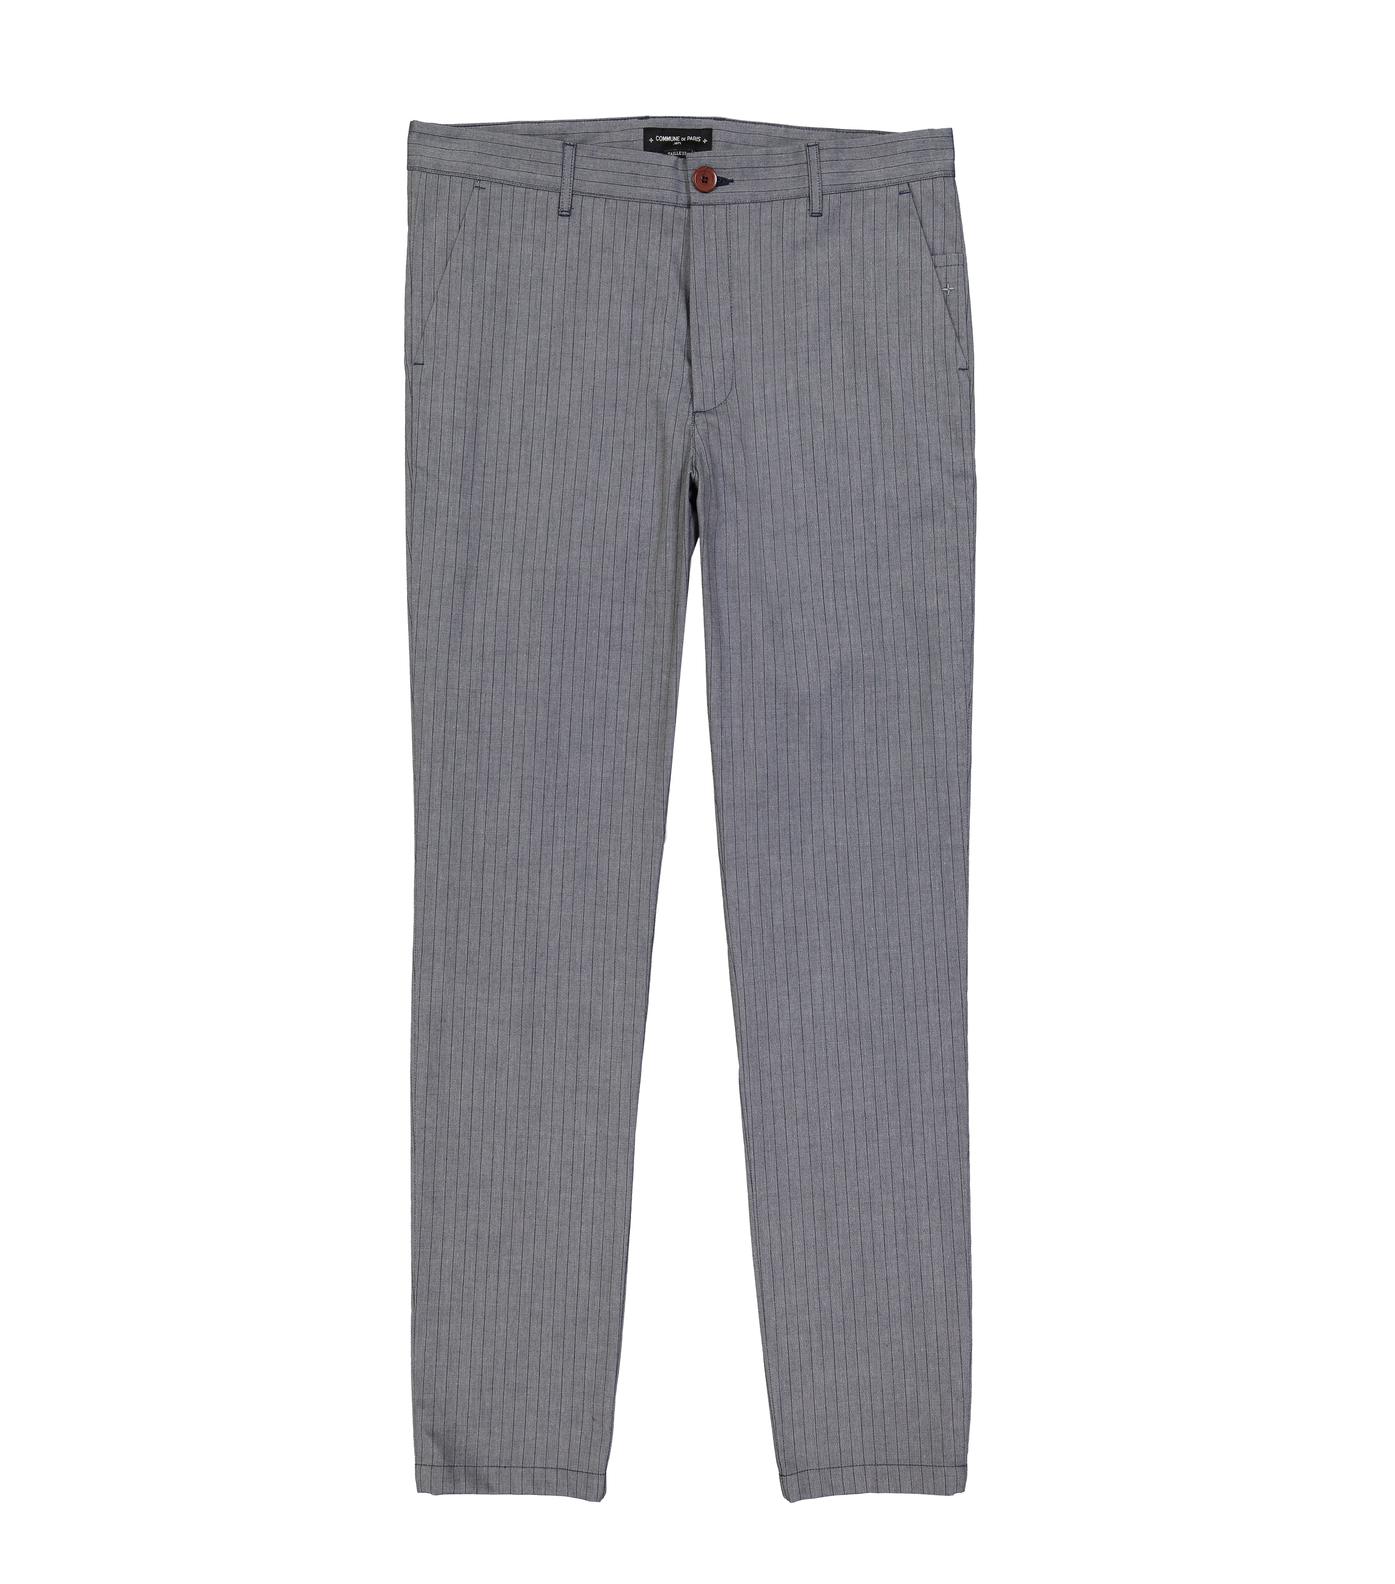 PANTS GN6 - Striped